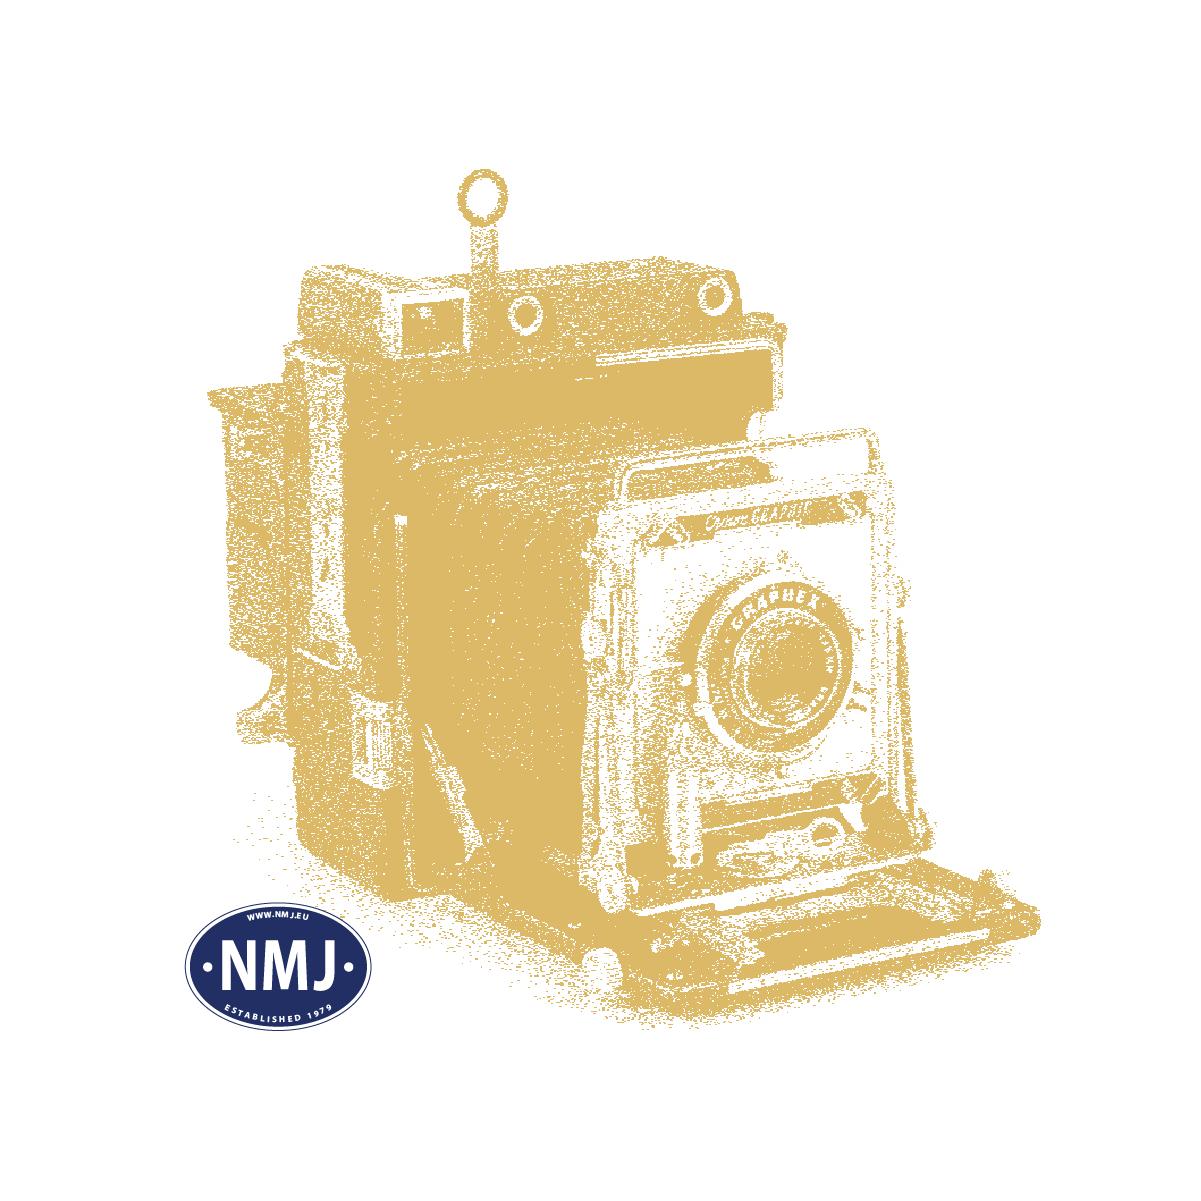 MBR50-3003 - Busker og kratt, 6 Cm, 3 stk, Mørk gul